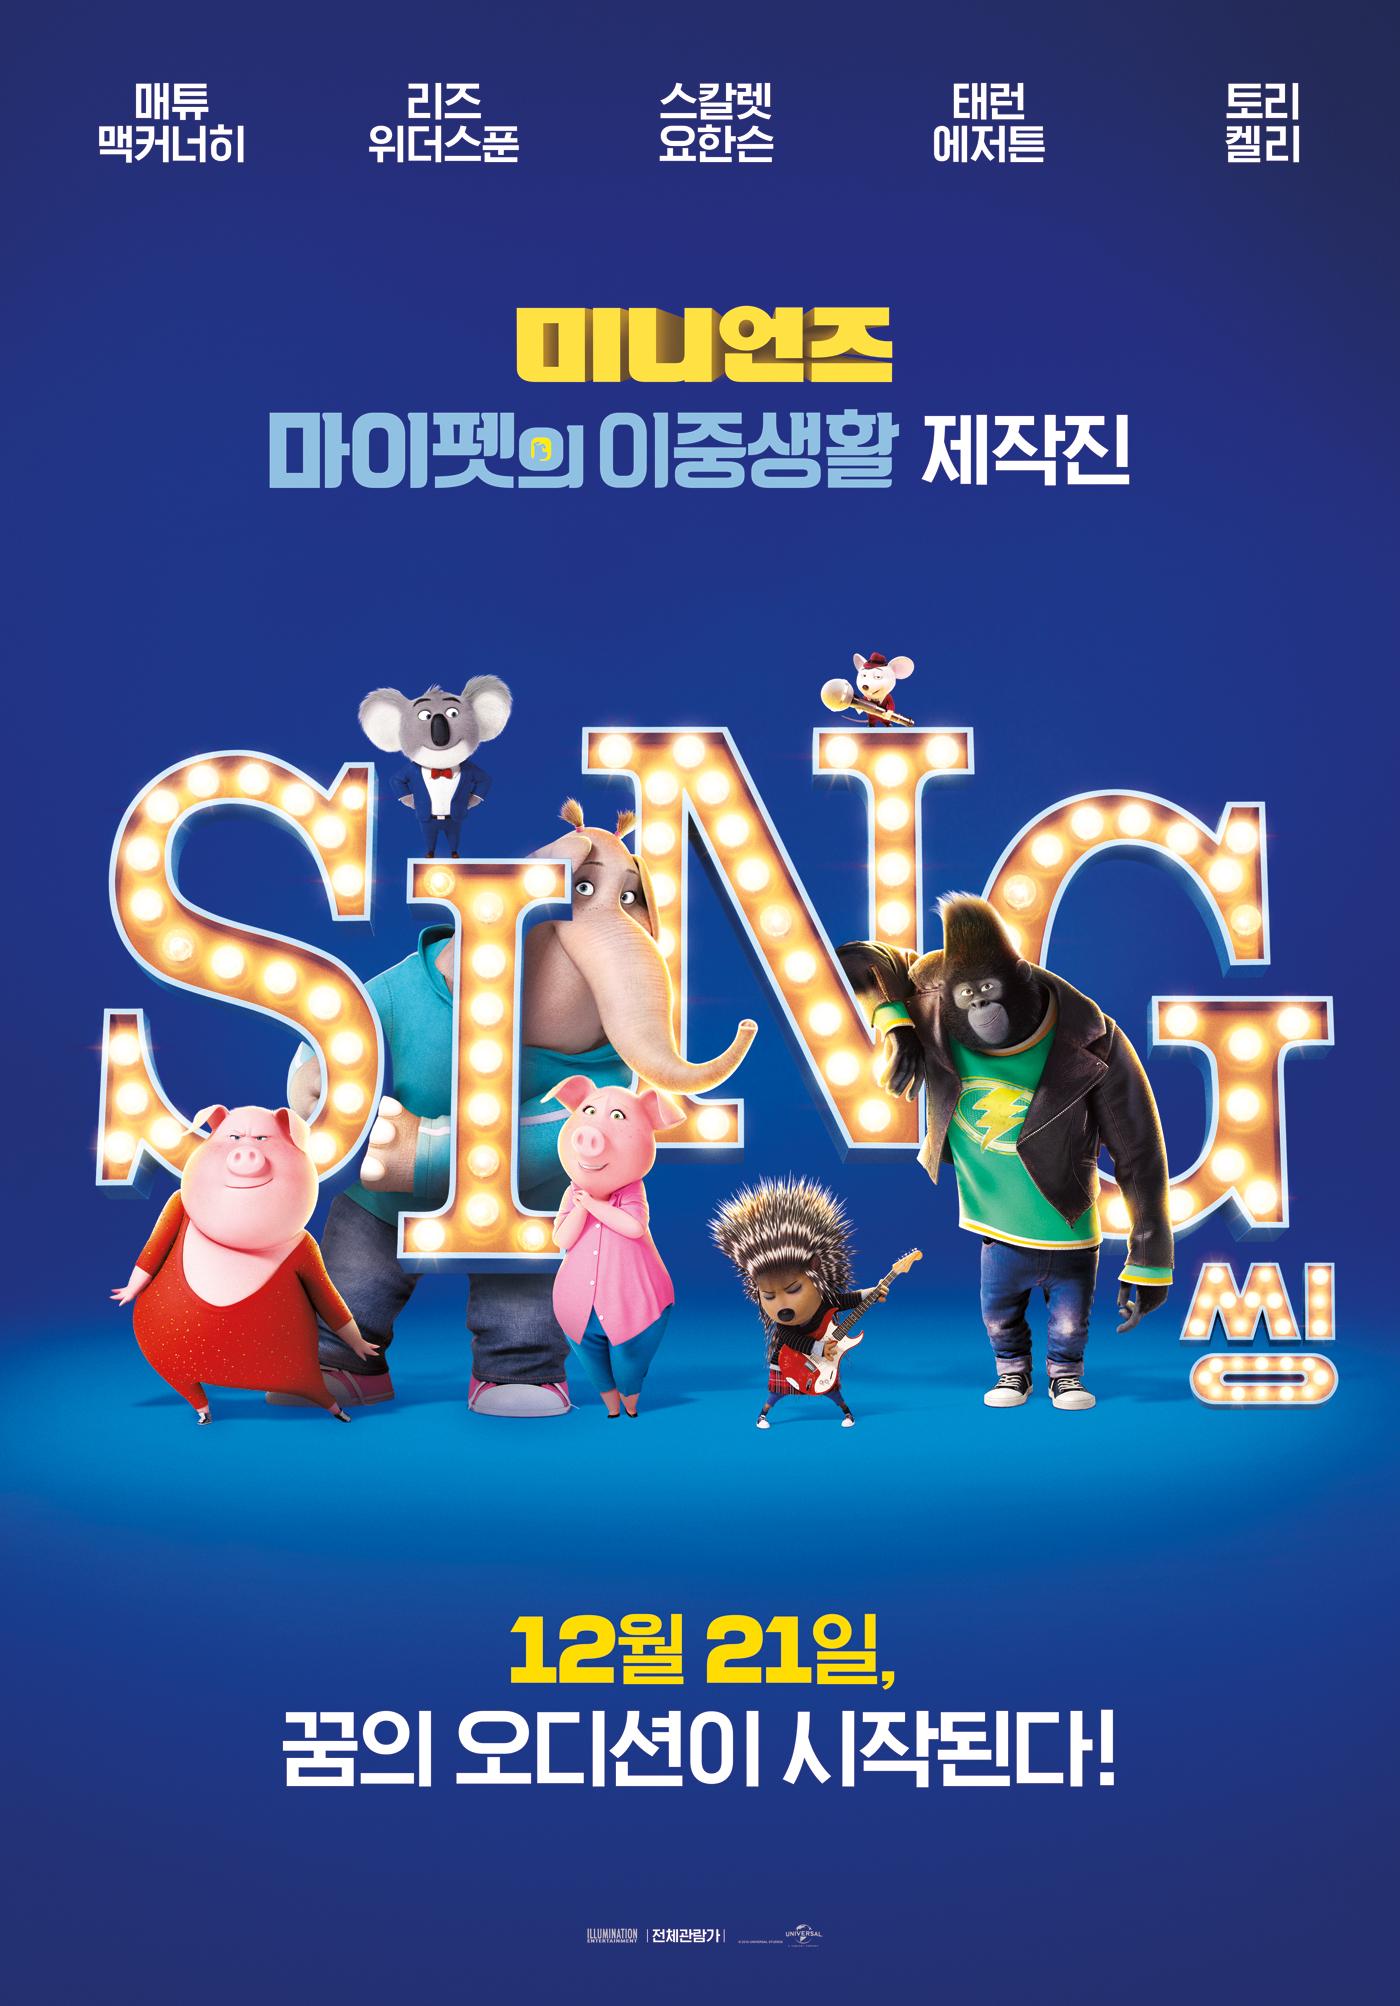 한국 극장가에 쏟아져들어오는 애니메이션들